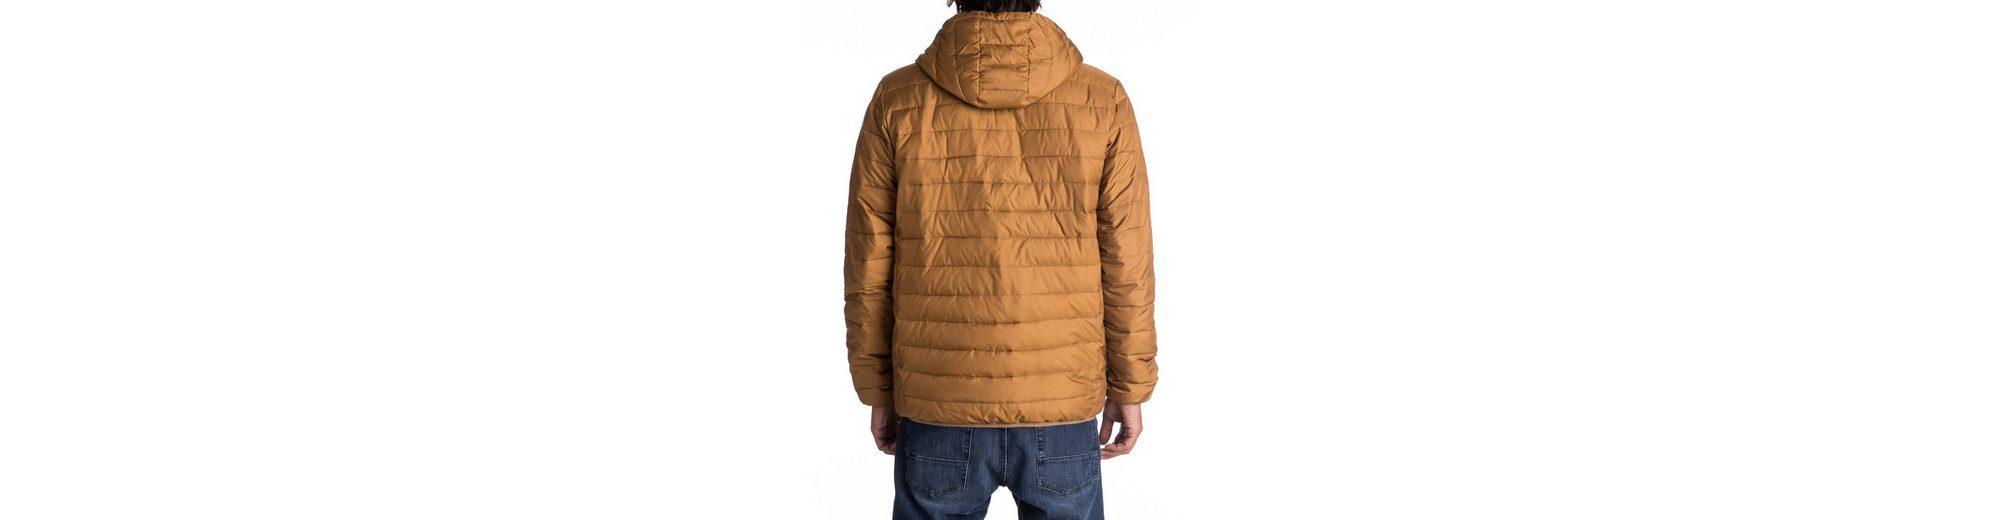 Billig Verkaufen Viele Arten Von Wirklich Günstig Online Quiksilver Insulator-Jacke Everyday Scaly Frei Verschiffen Angebot Kosten Günstig Online UWyvb12